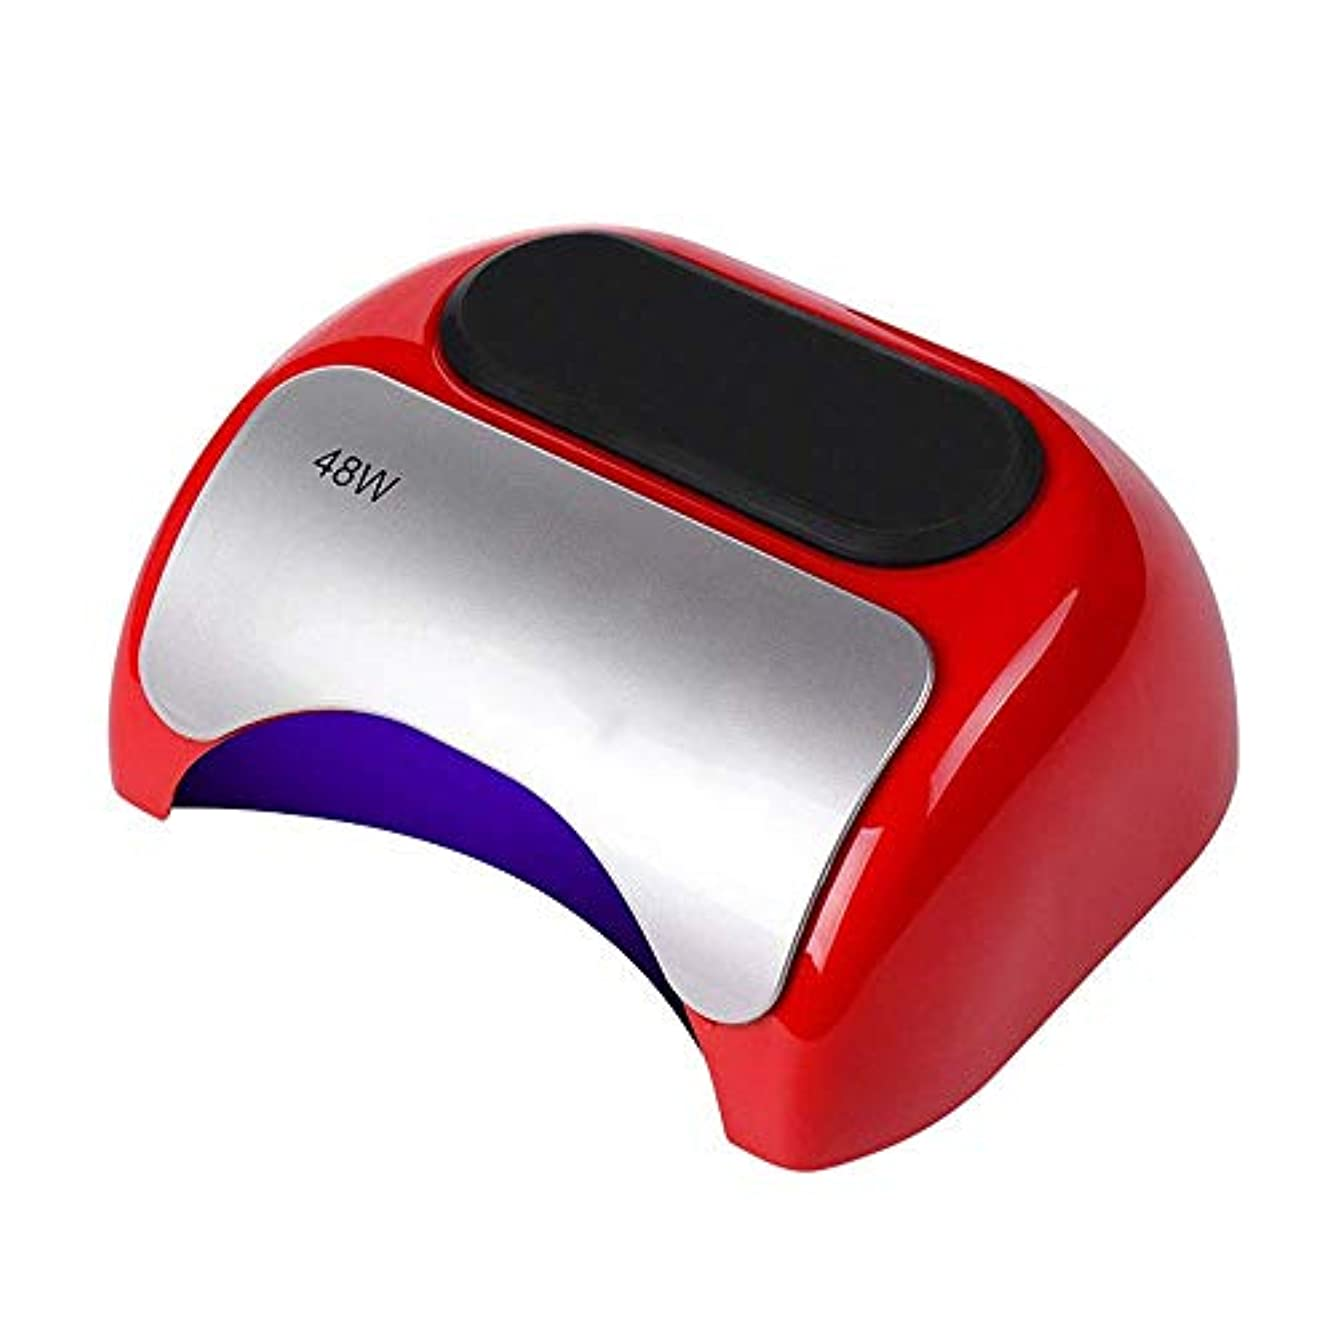 ブラウズホームレス村DHINGM ネイルランプ、快適な非UVホワイトライト、目を傷つけることはありません、48W電源、15 UV + LEDデュアルLED光源、耐久性に優れたインテリジェントな自動センシングは、爪を傷つけることはありません